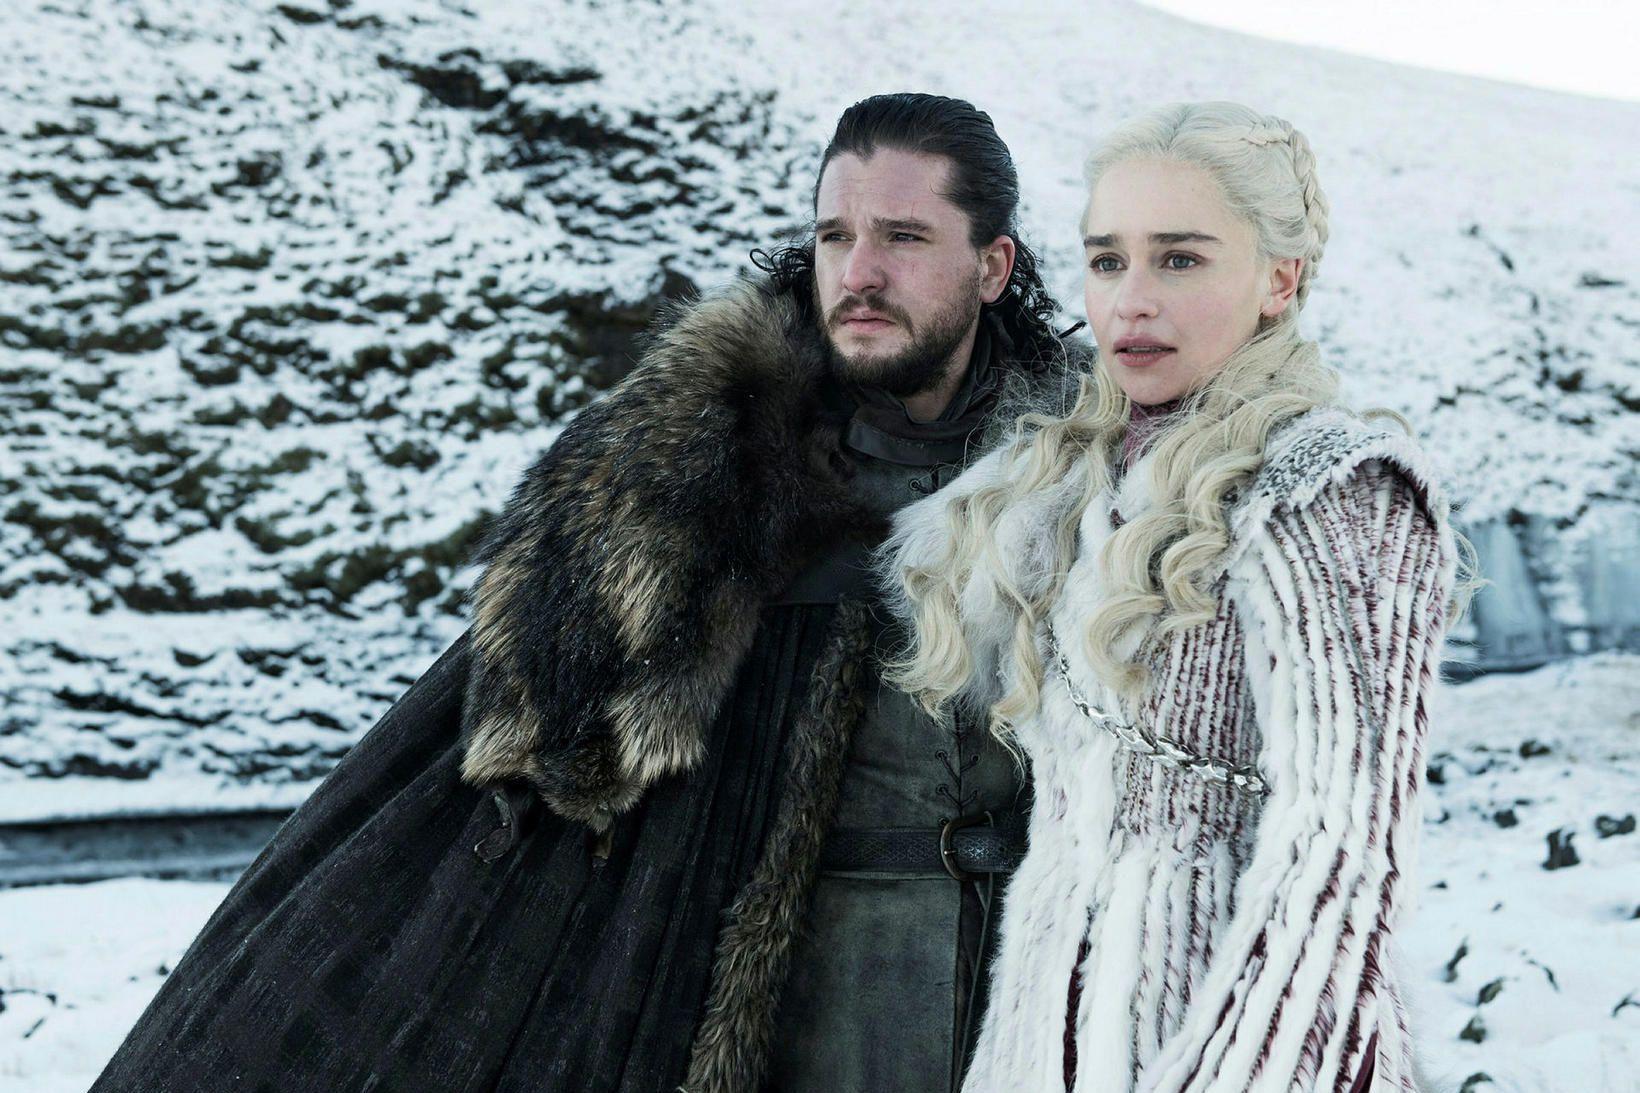 Úr sjónvarpsþáttunum Game of Thrones sem voru teknir að hluta …